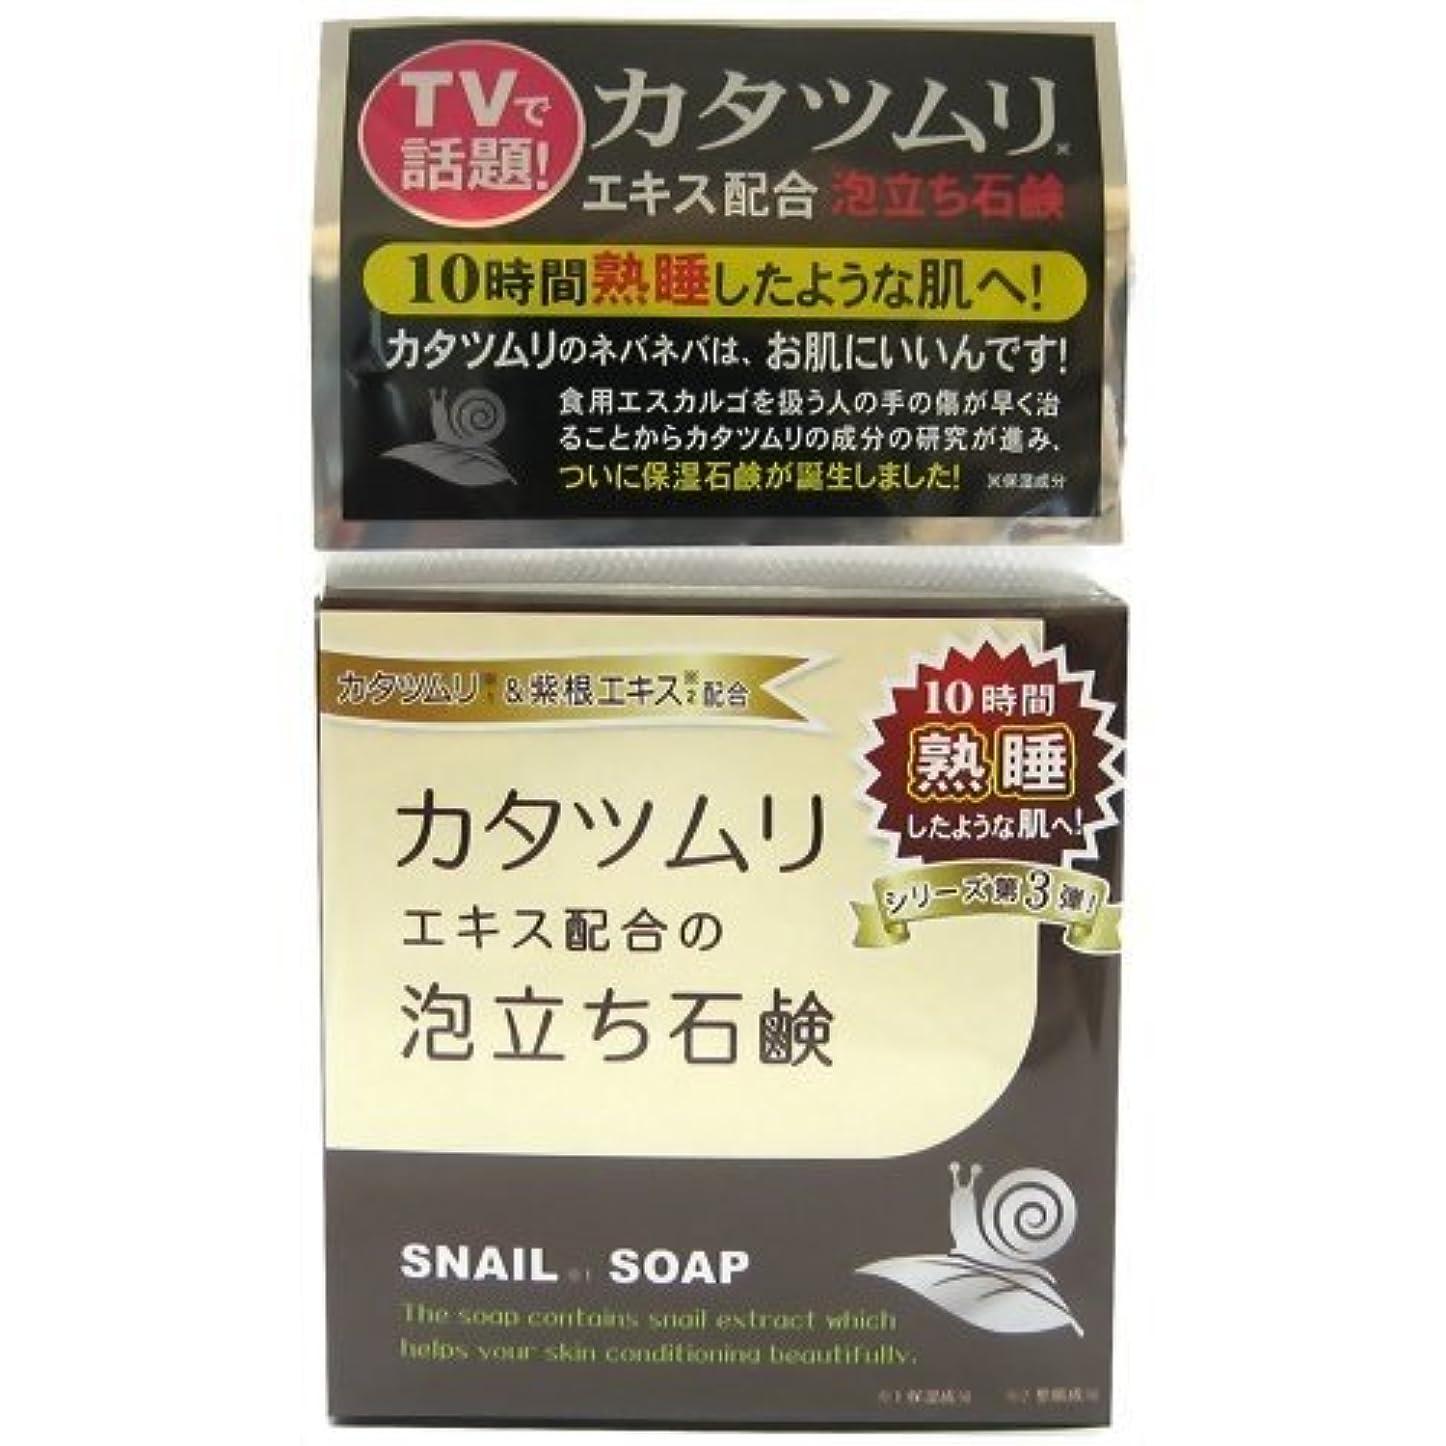 カタツムリ石鹸 100g